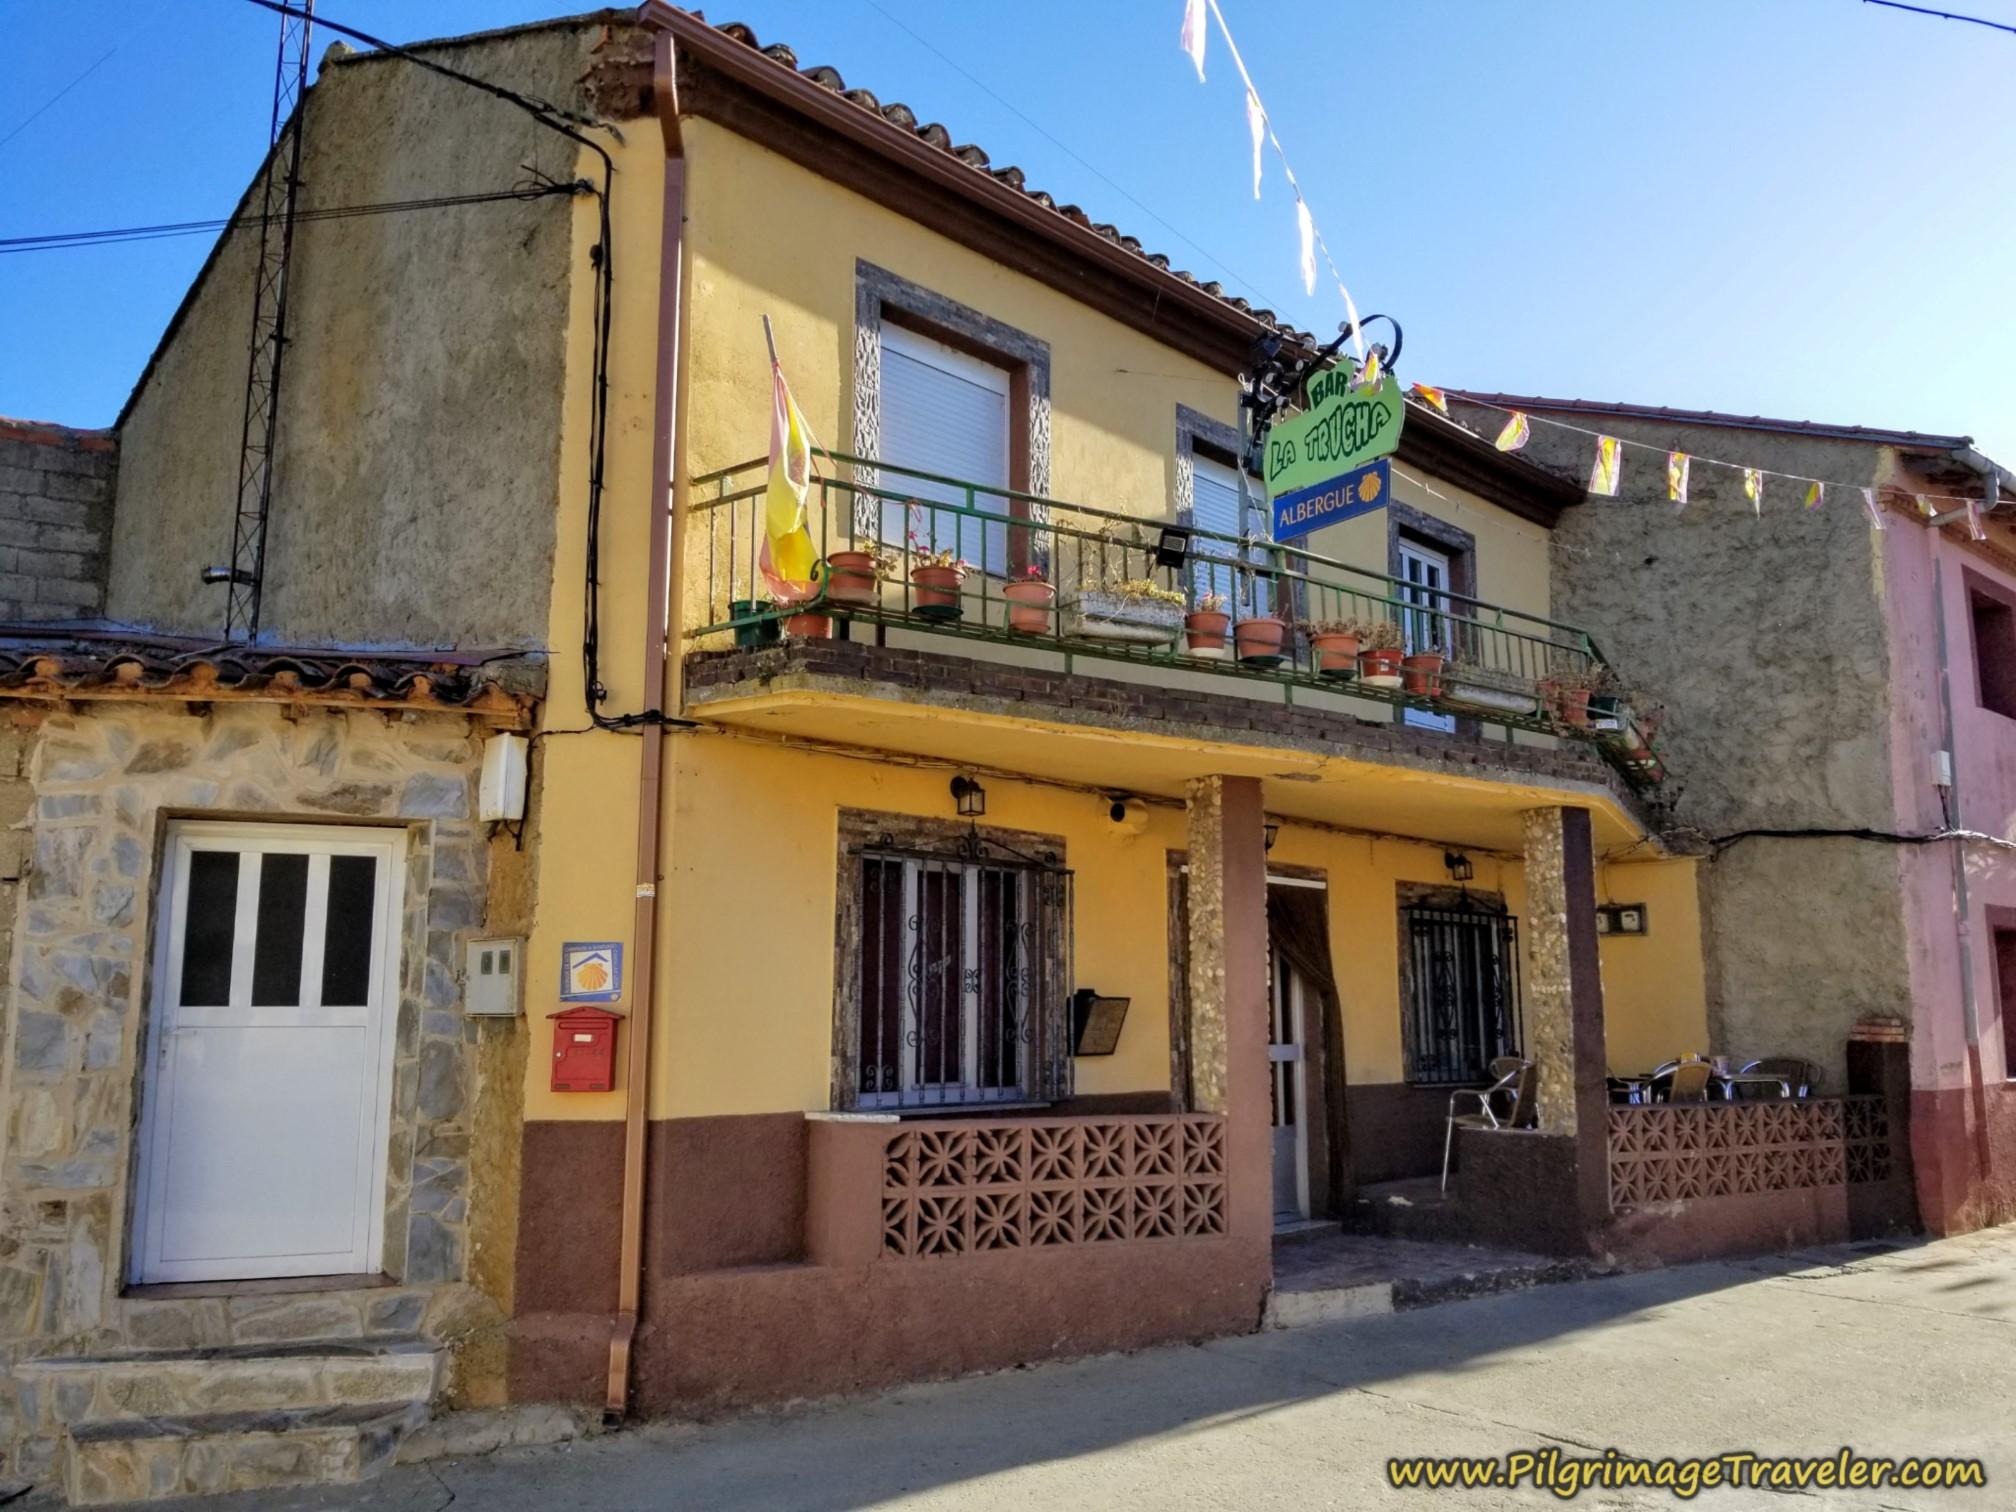 Albergue Restaurante La Trucha, Olleros de Tera on the Camino Sanabrés from Santa Marta de Tera to Rionegro del Puente